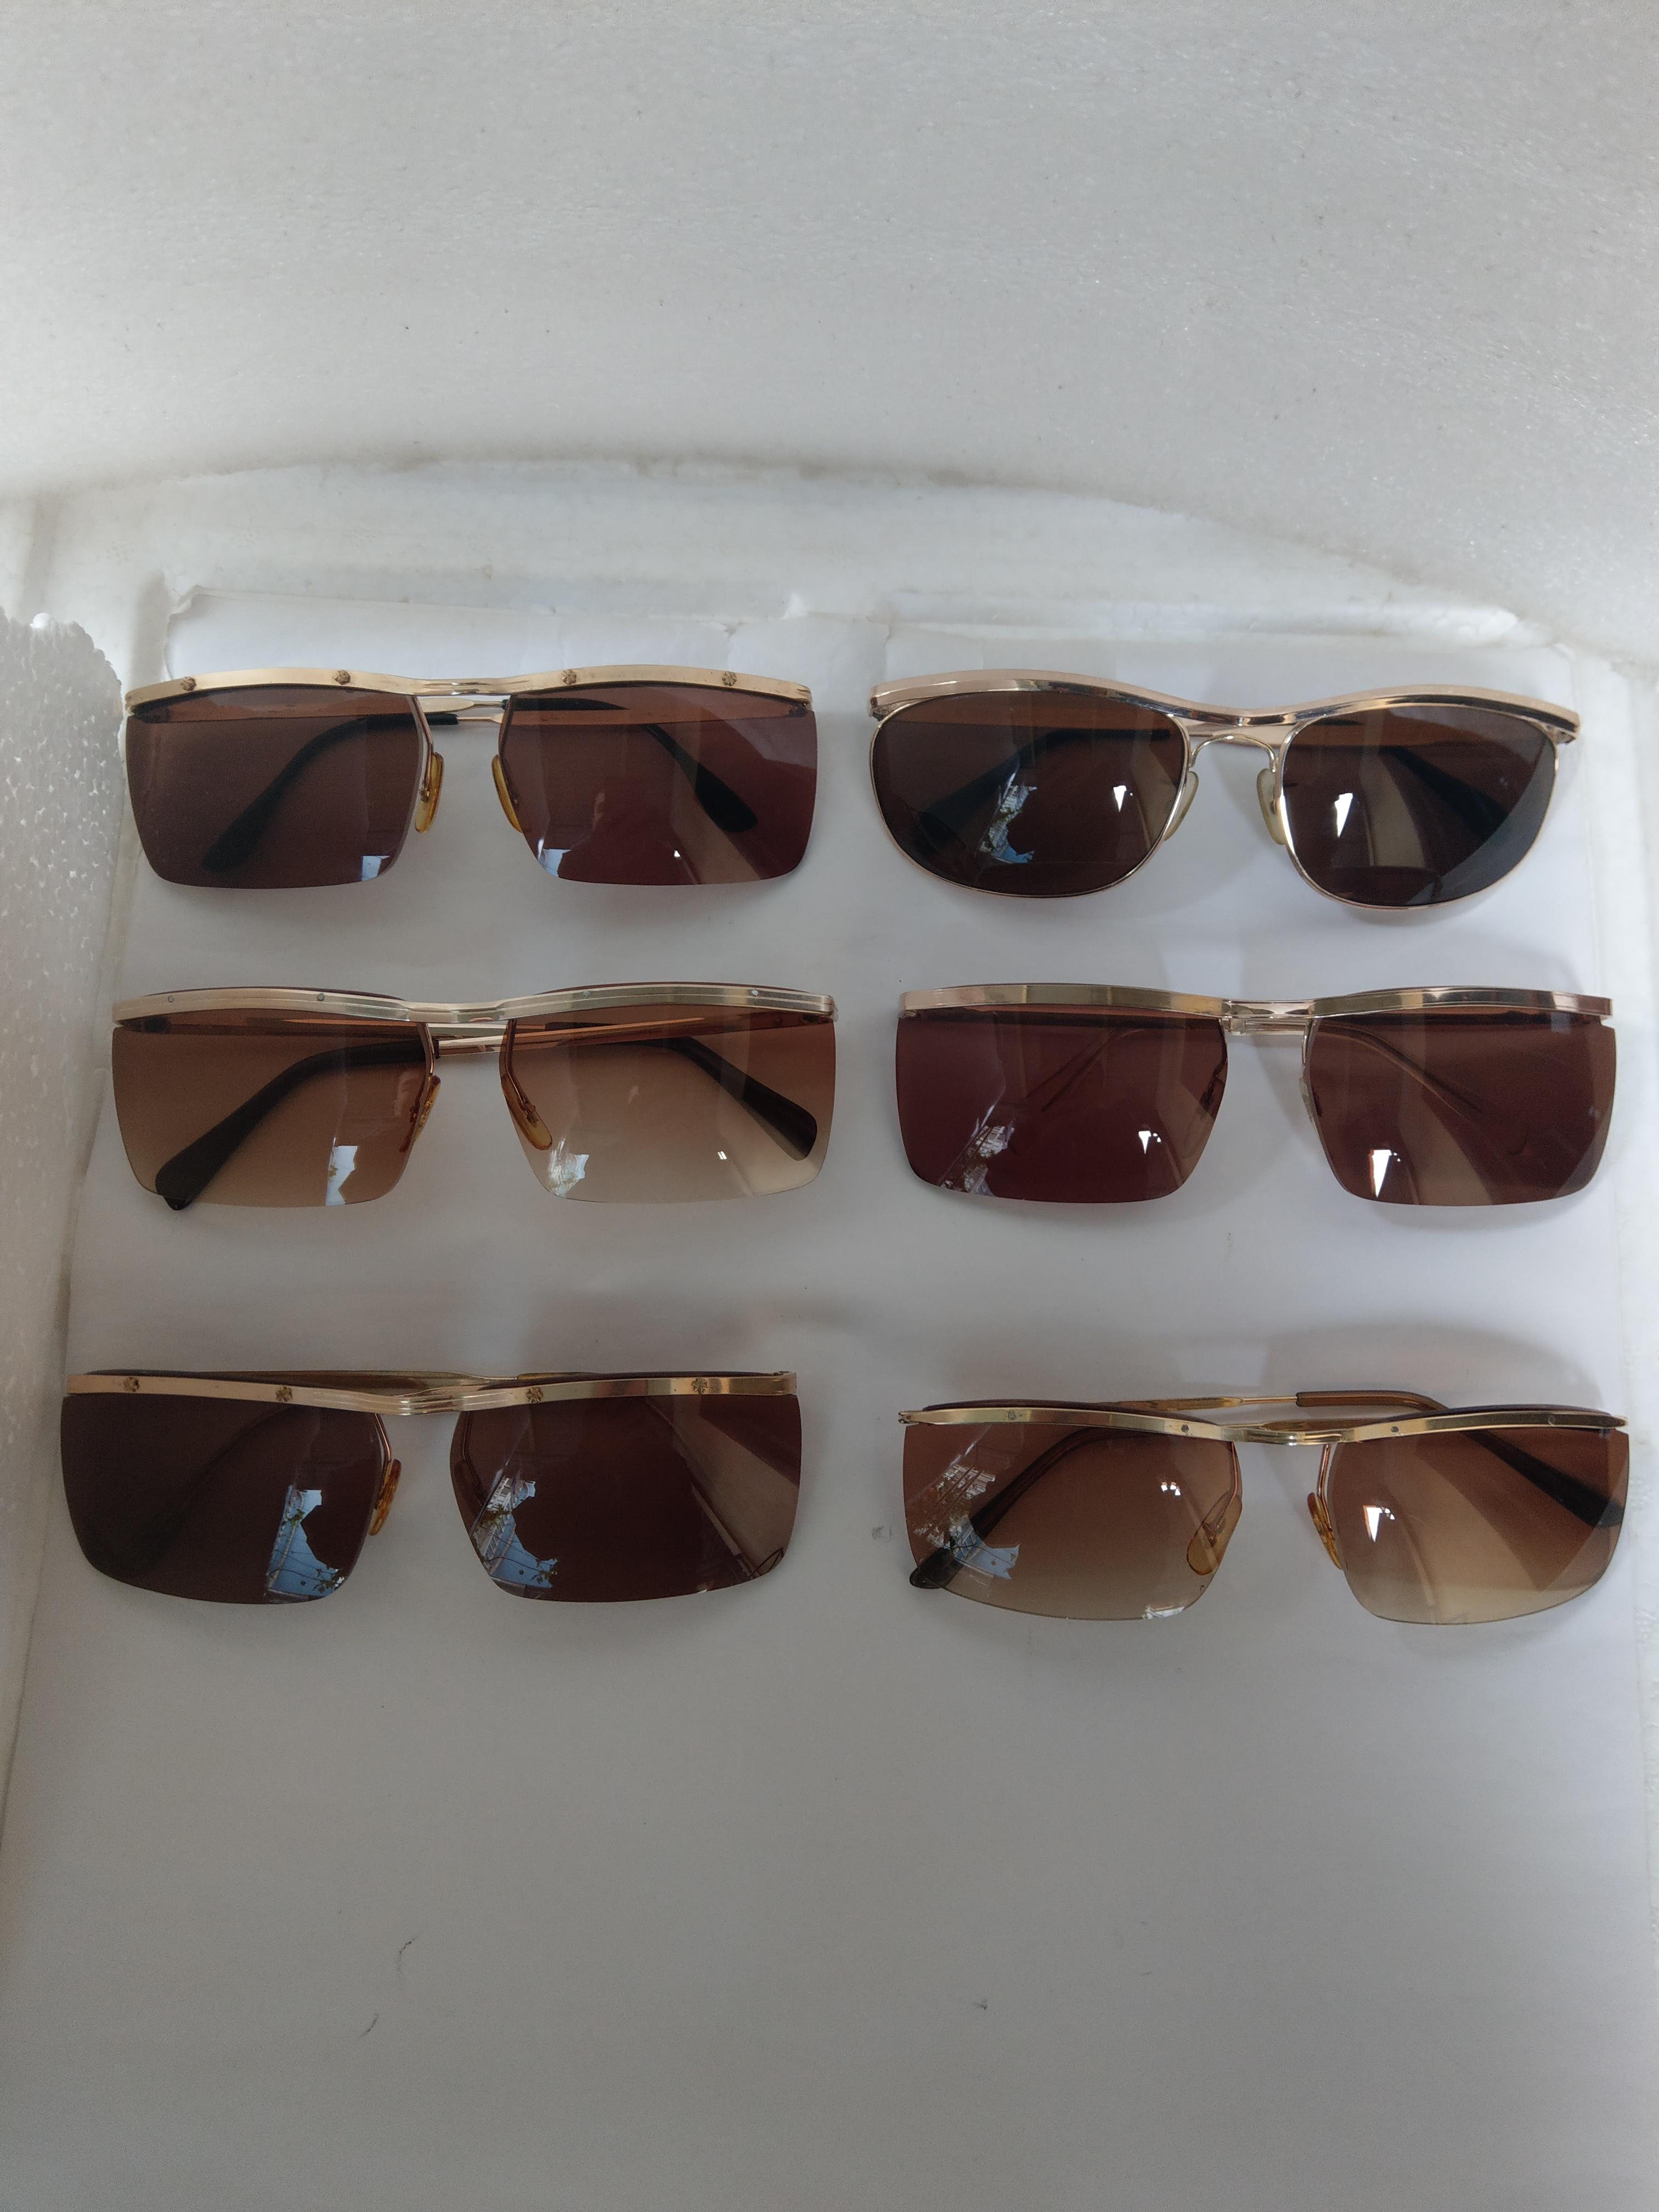 3 Ra mắt 6 cái kính cổ bọc vàng mới về sản xuất thập niên 1950